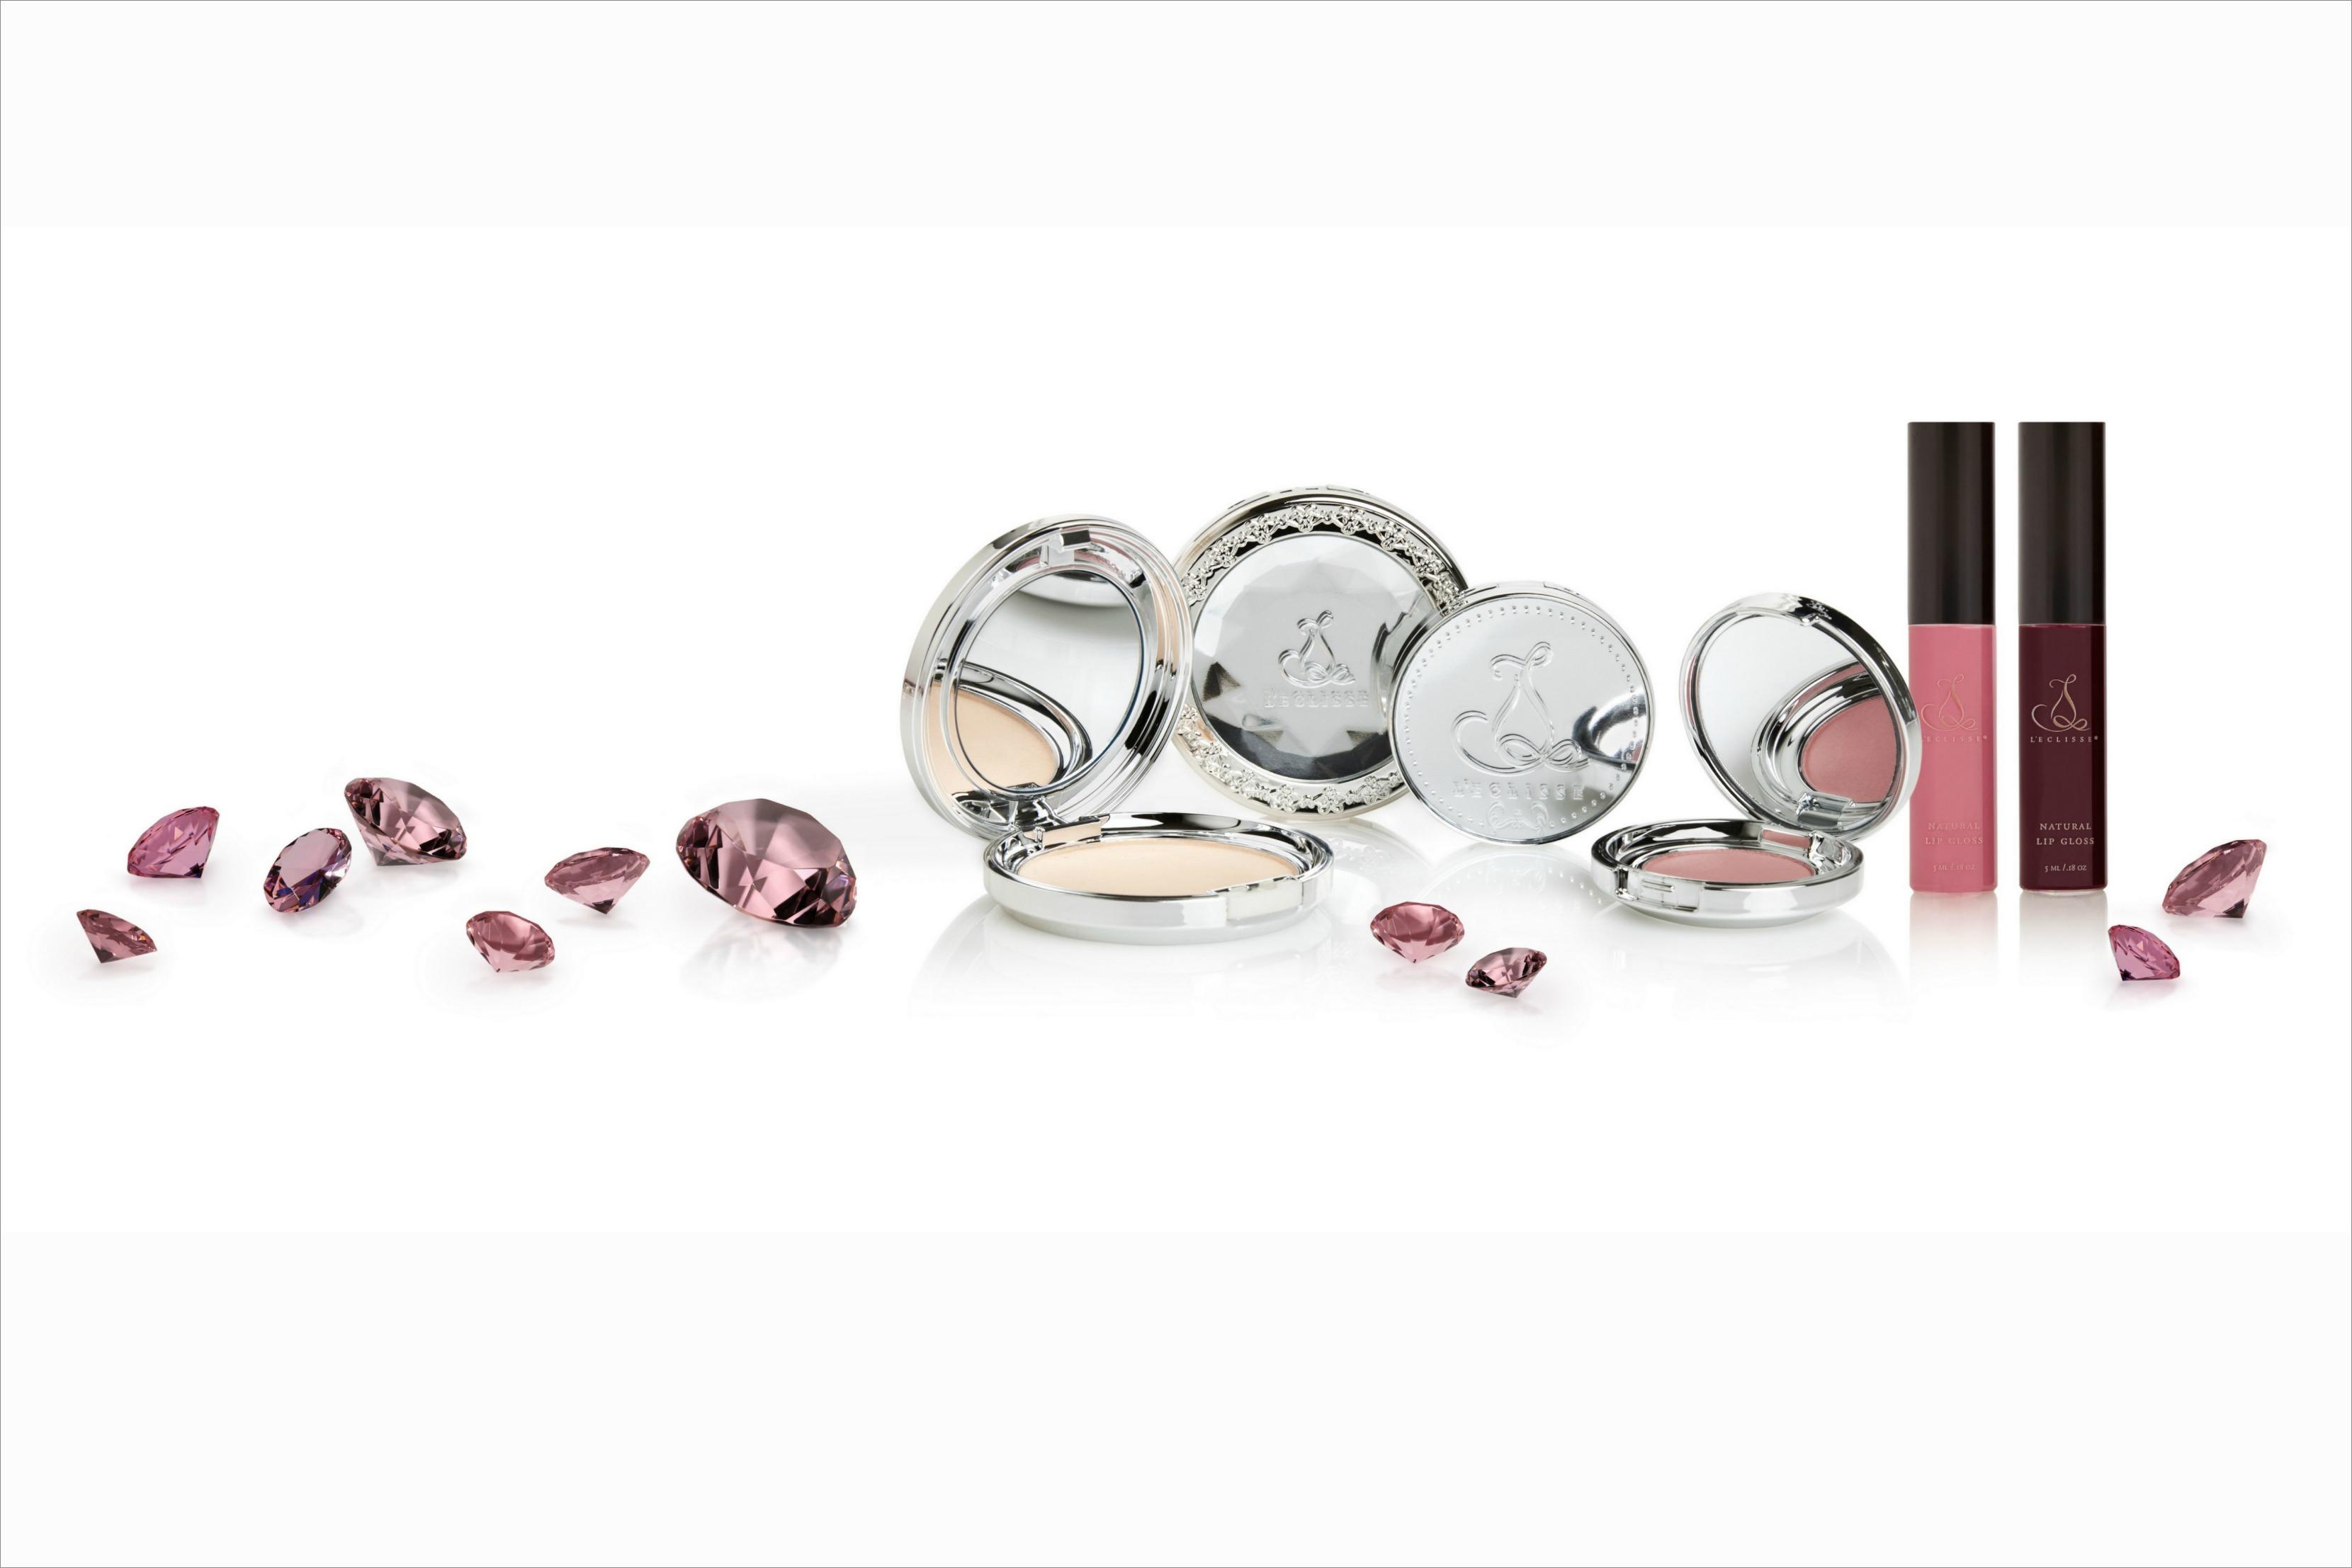 L'Eclisse Natural lipgloss, natural mineral formulas, blush